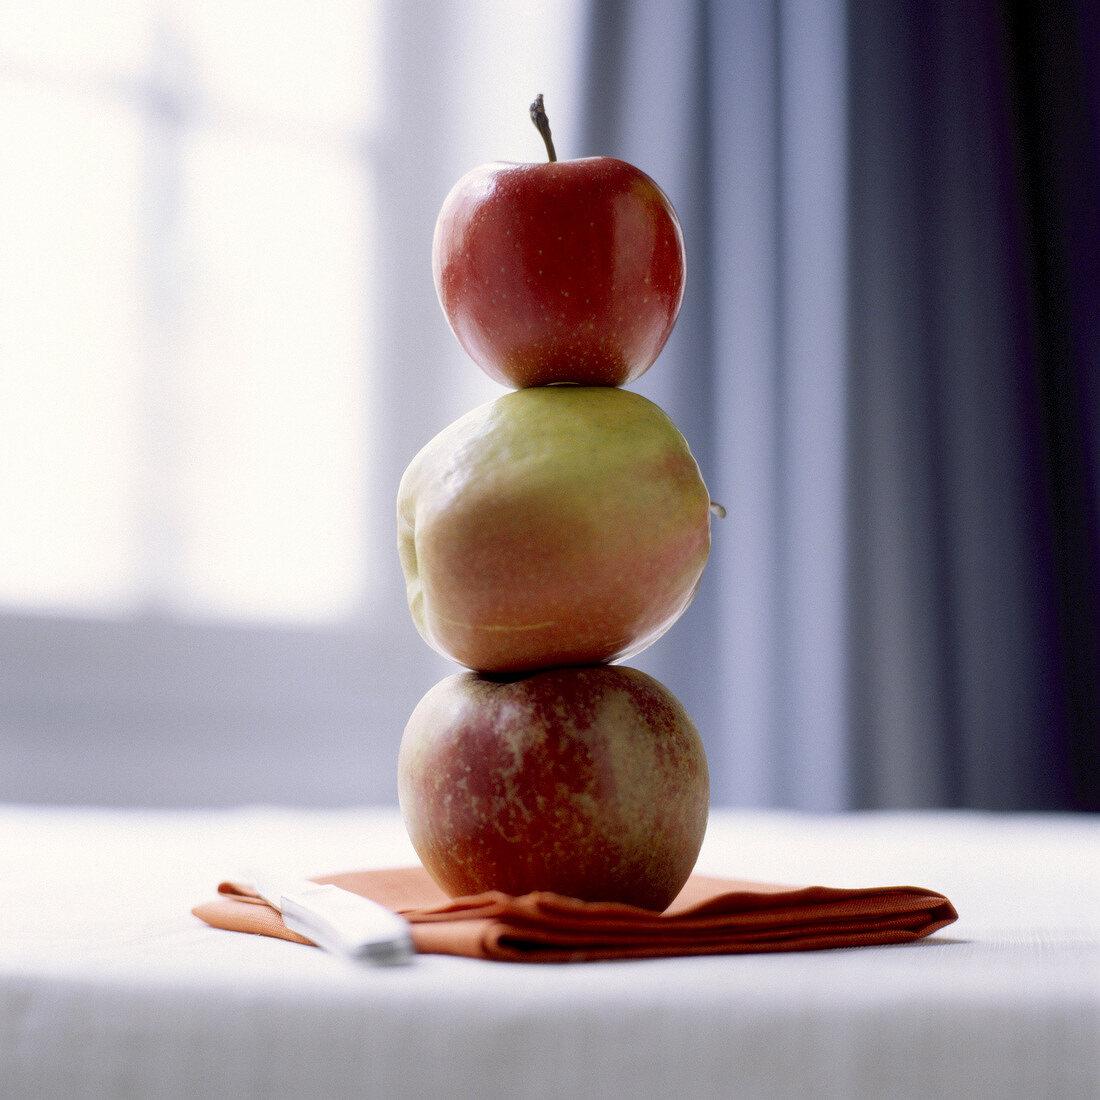 Elstar, Pink Lady, boskoop apples